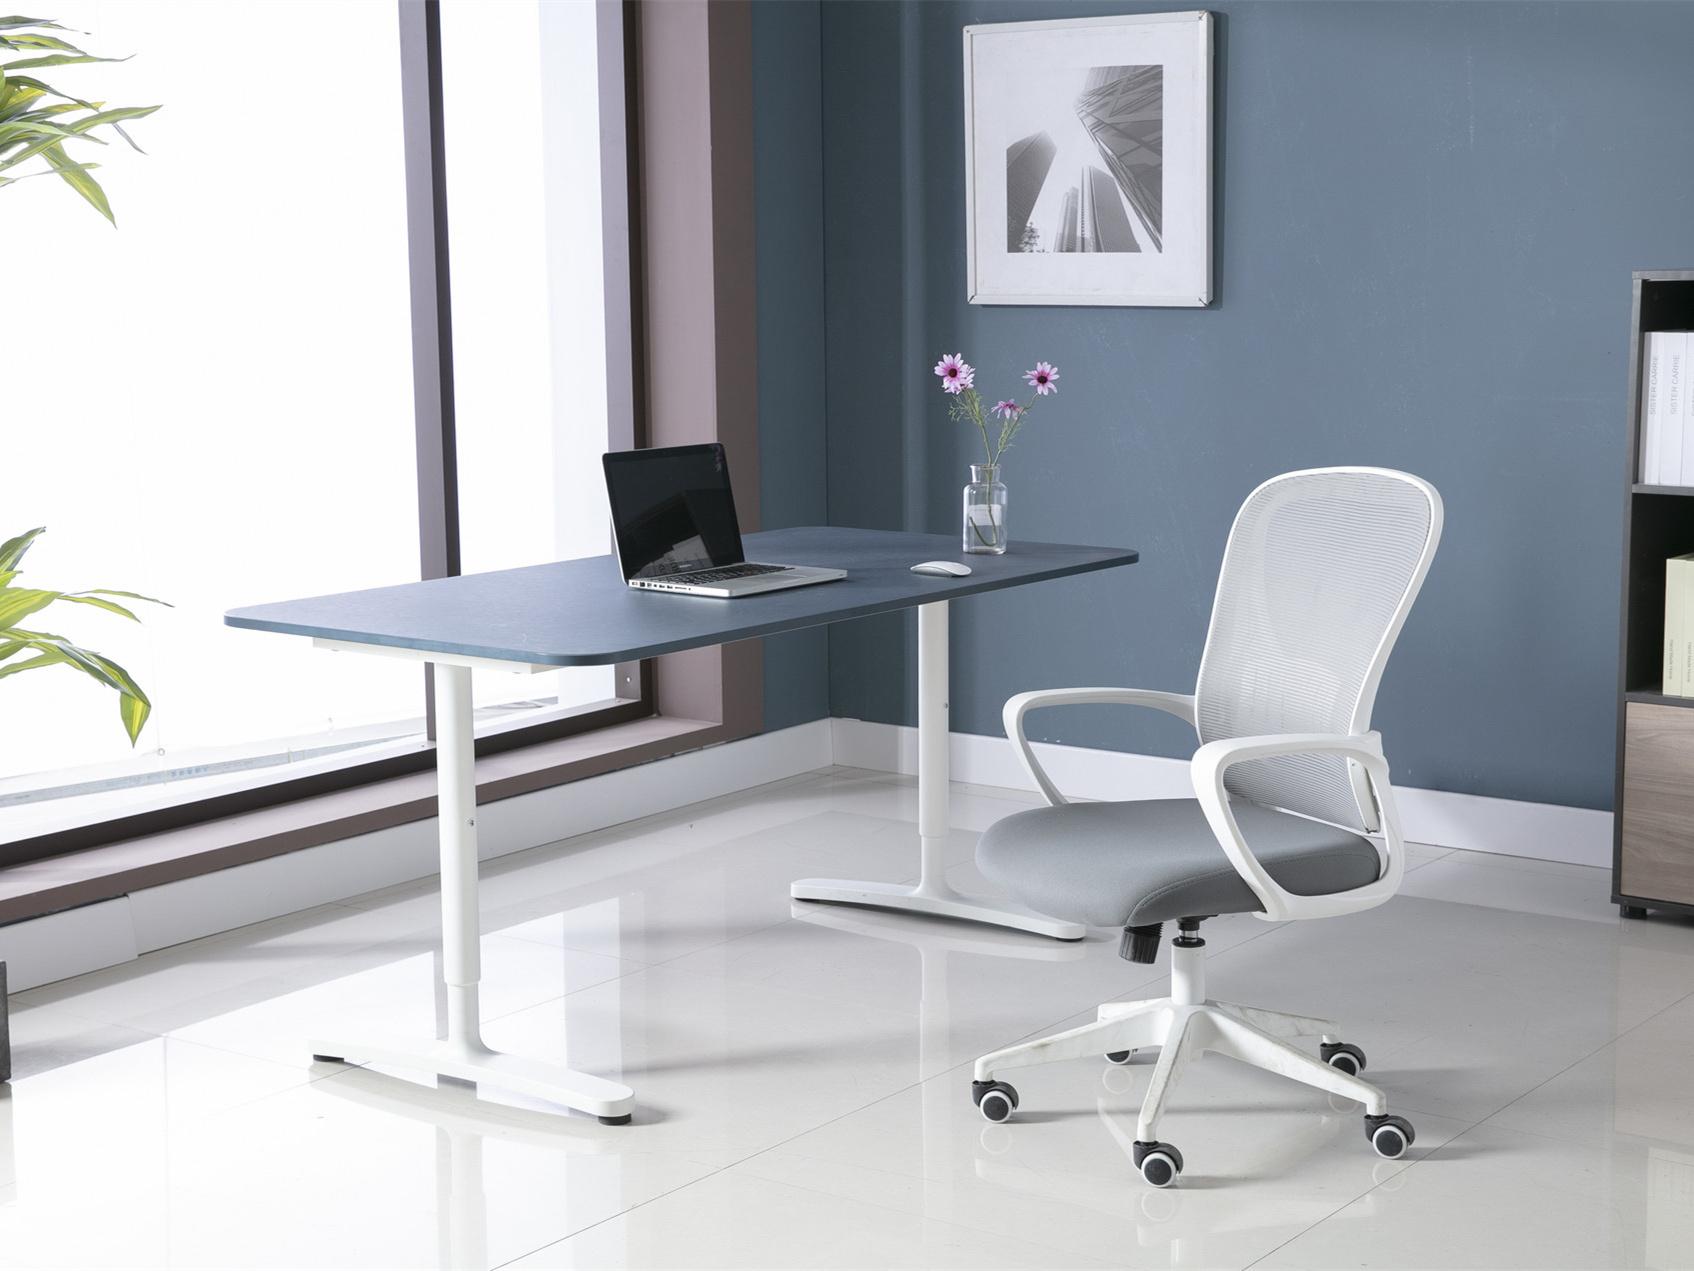 办公桌的摆放影响风水,这些细节要注意一下!